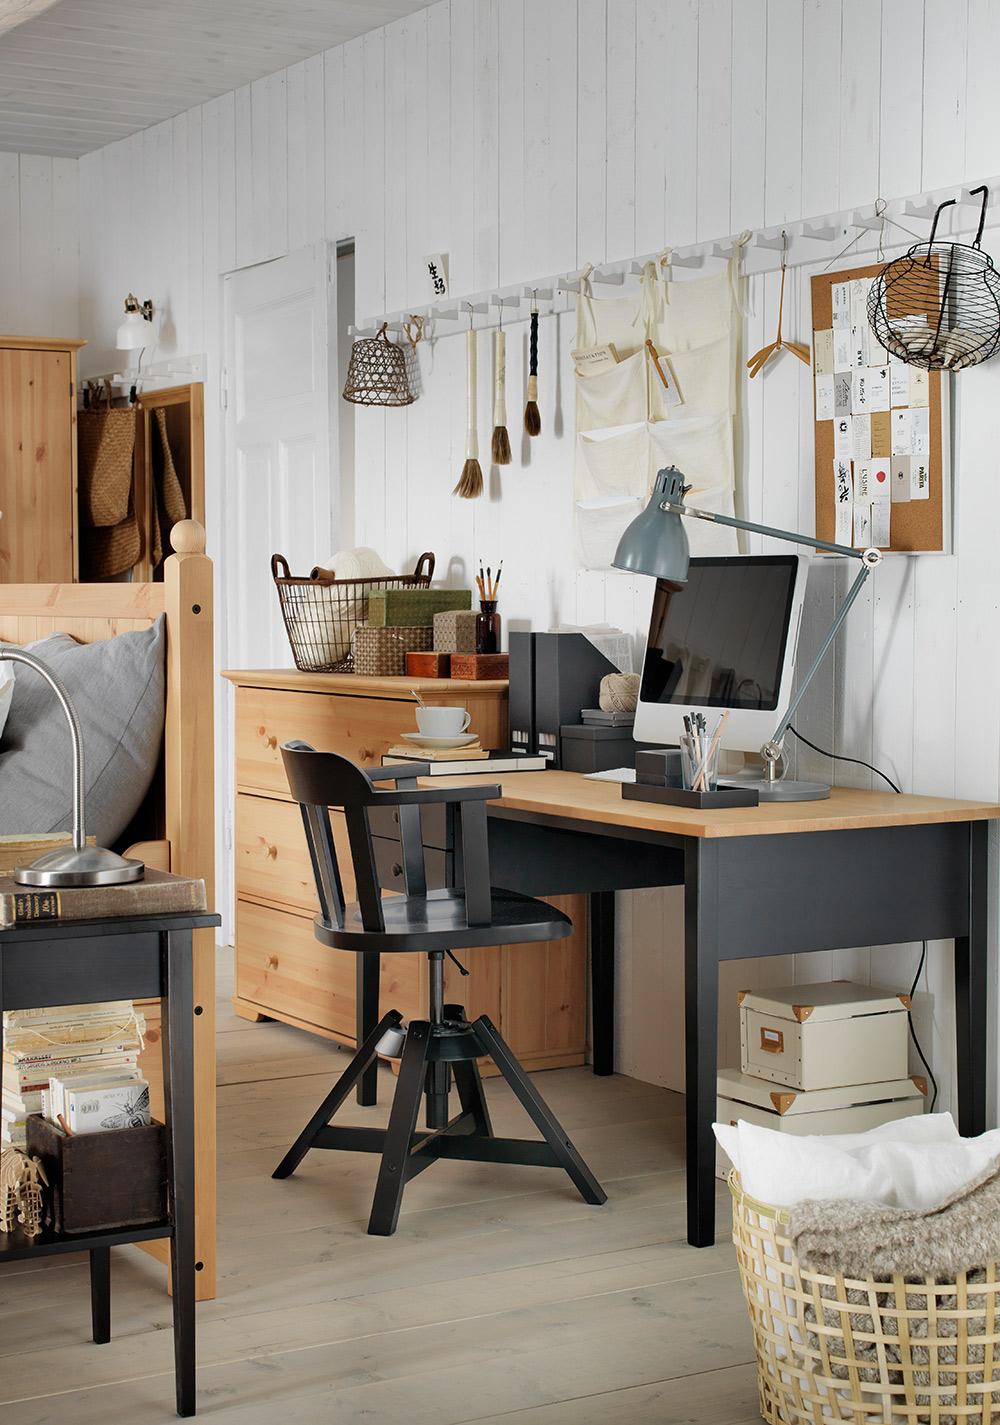 7 schöne und funktionale Ideen für deinen Arbeitsbereich!